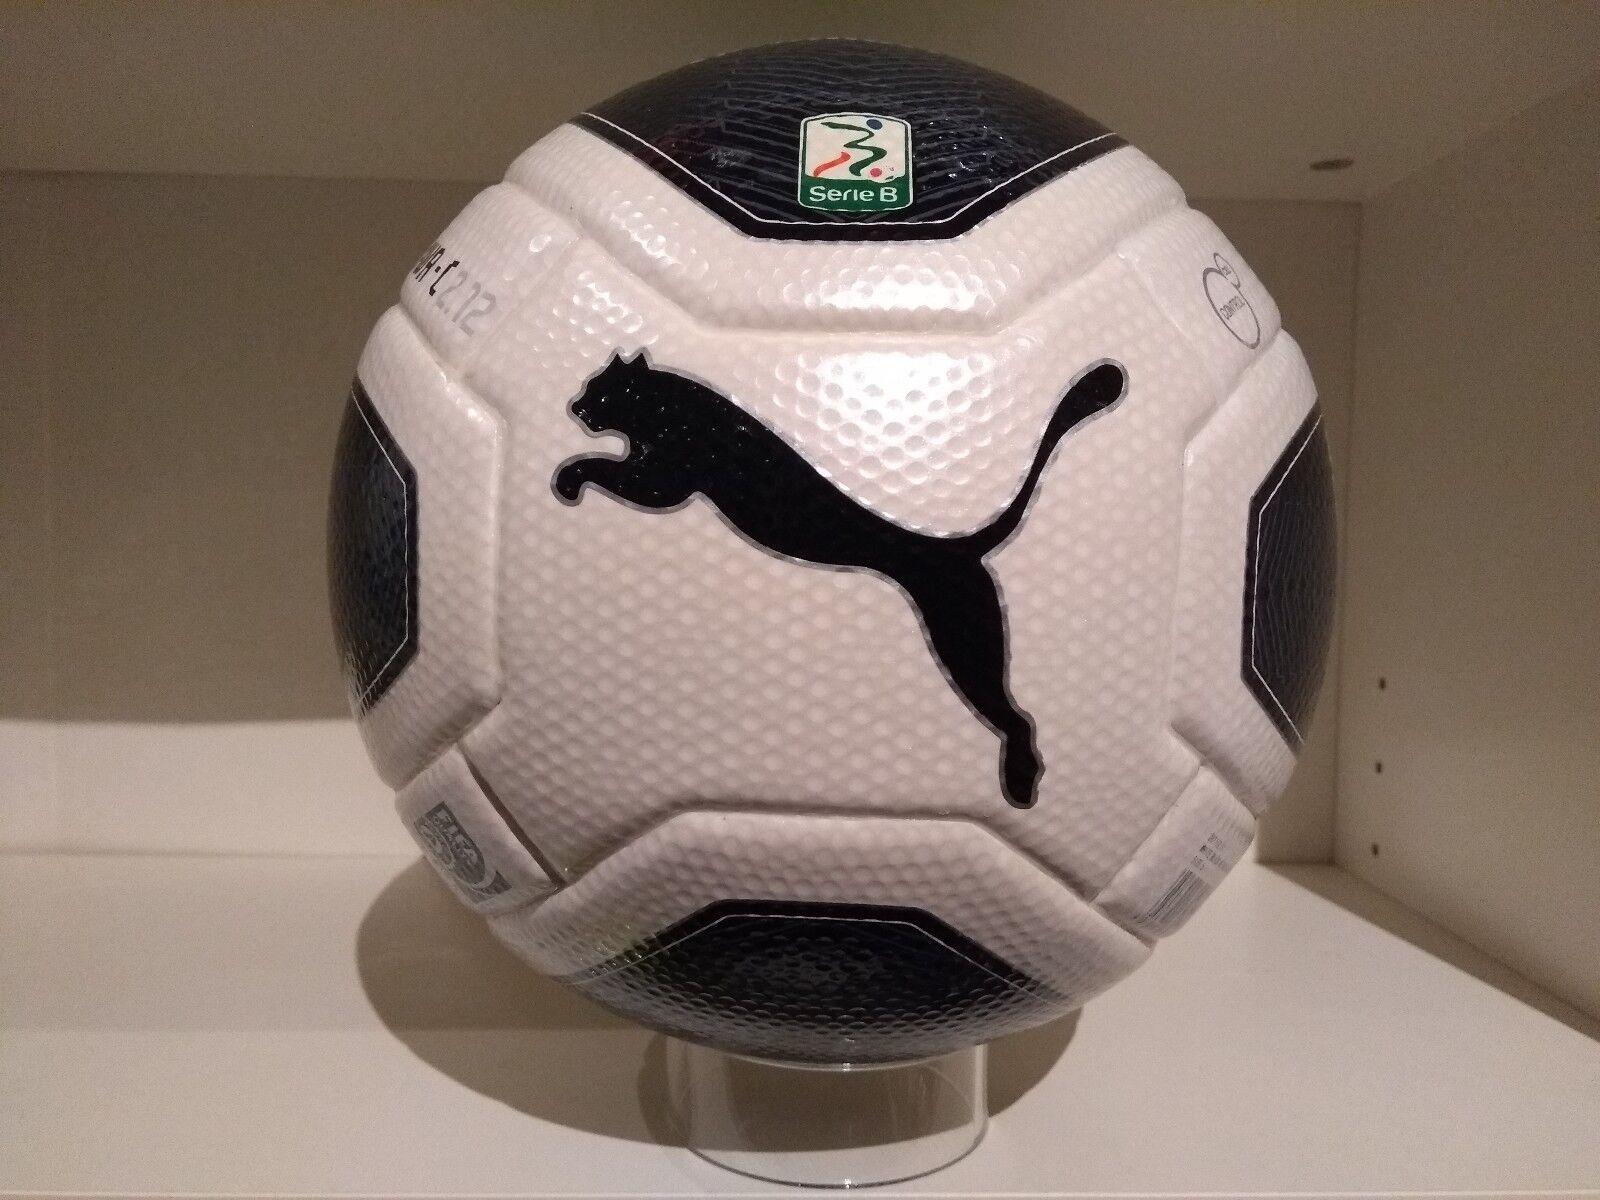 Puma Bola de potencia de 2.12 Serie B italiana balón liga 2012 13